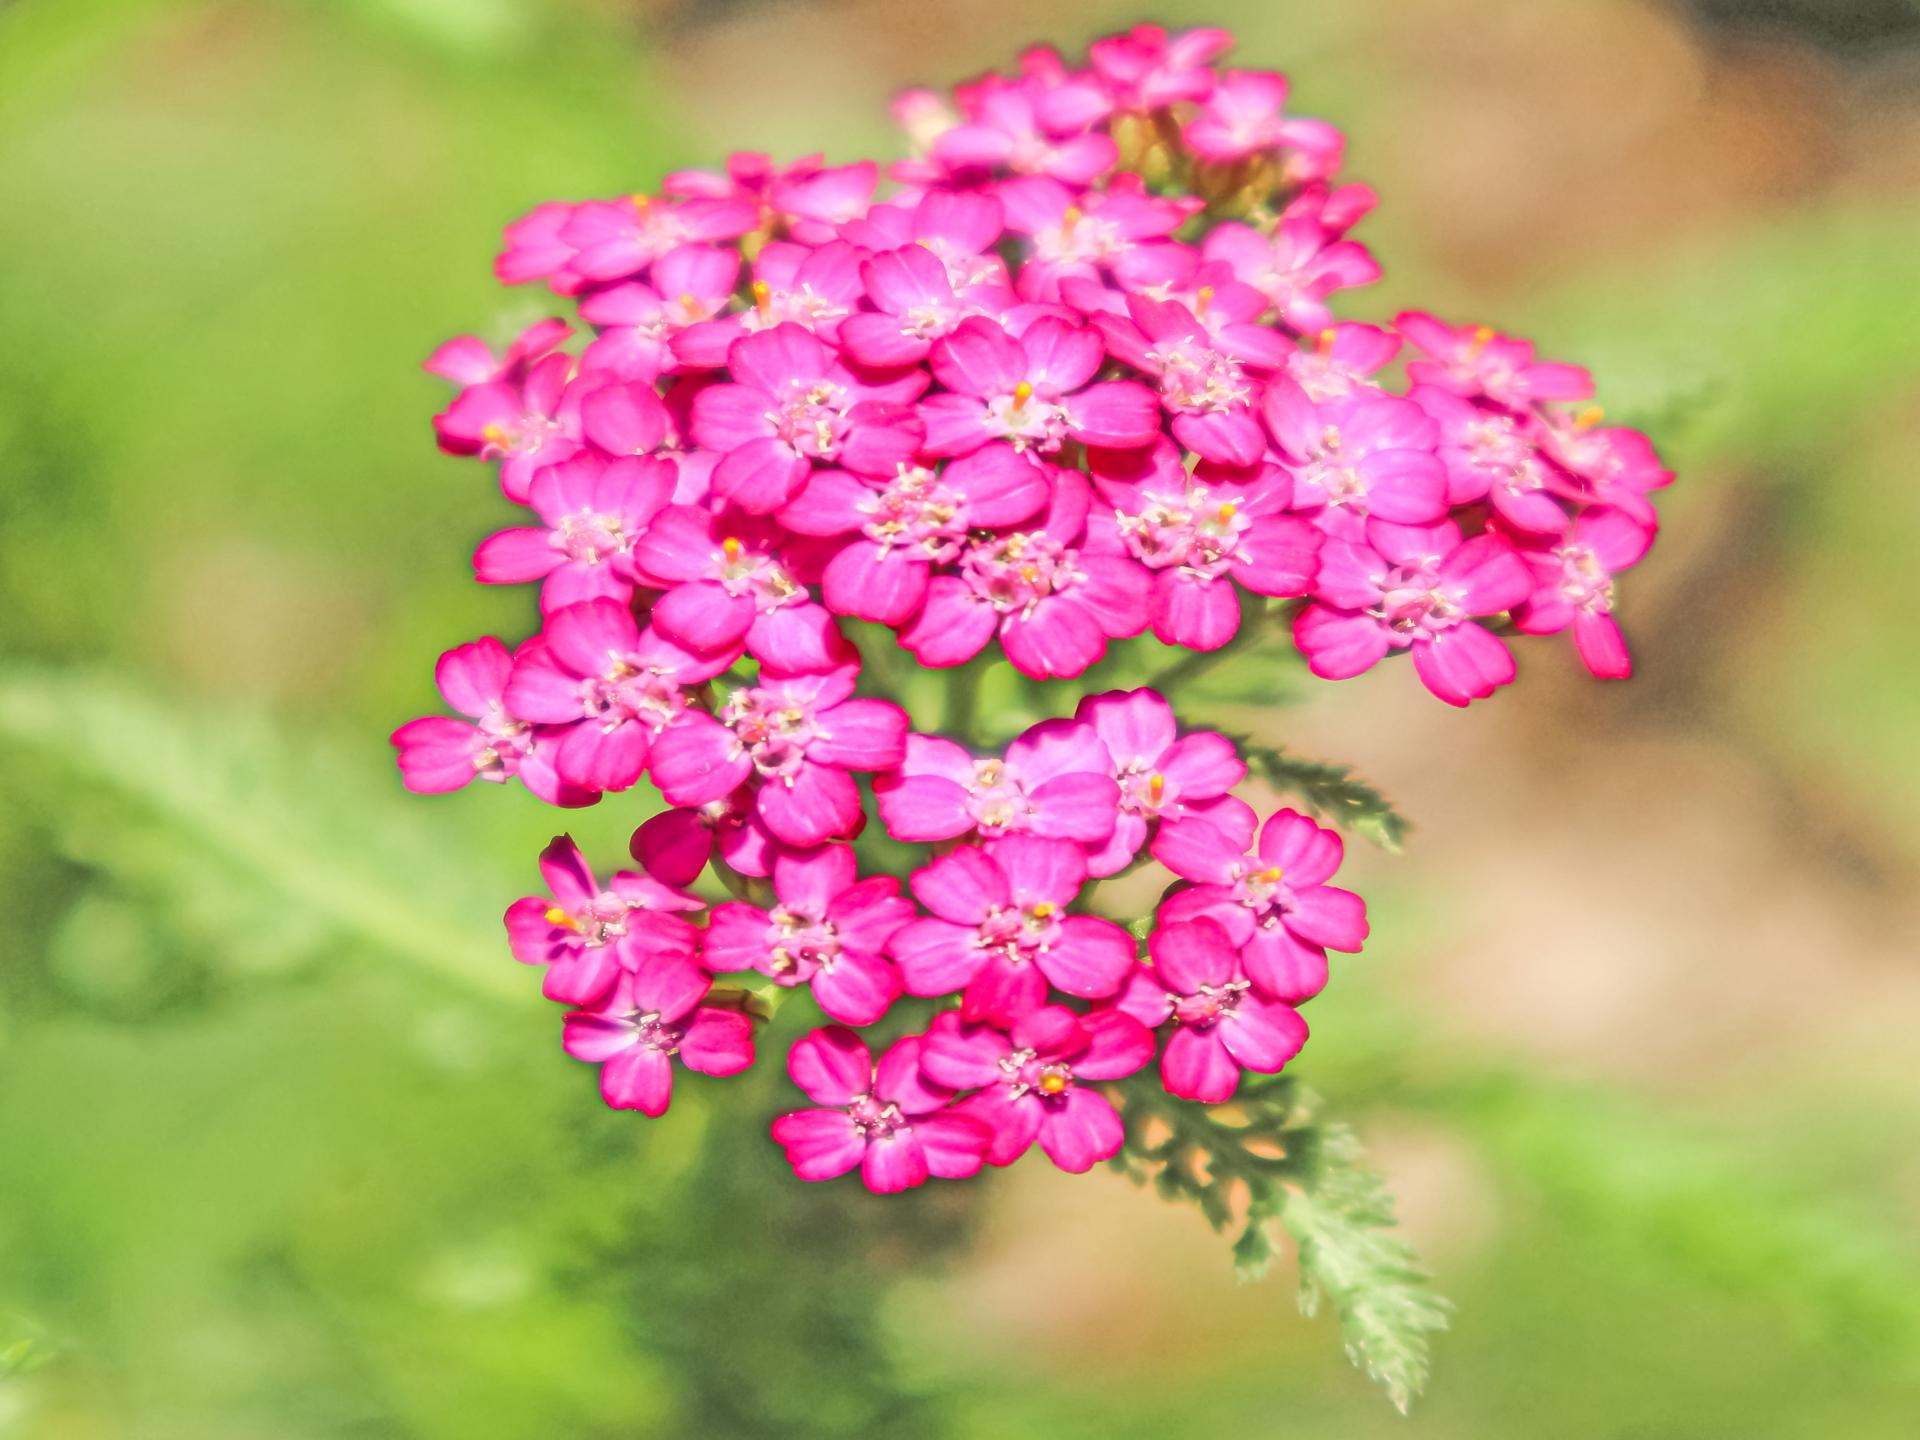 ガーデン用品屋さんの花図鑑 アキレア